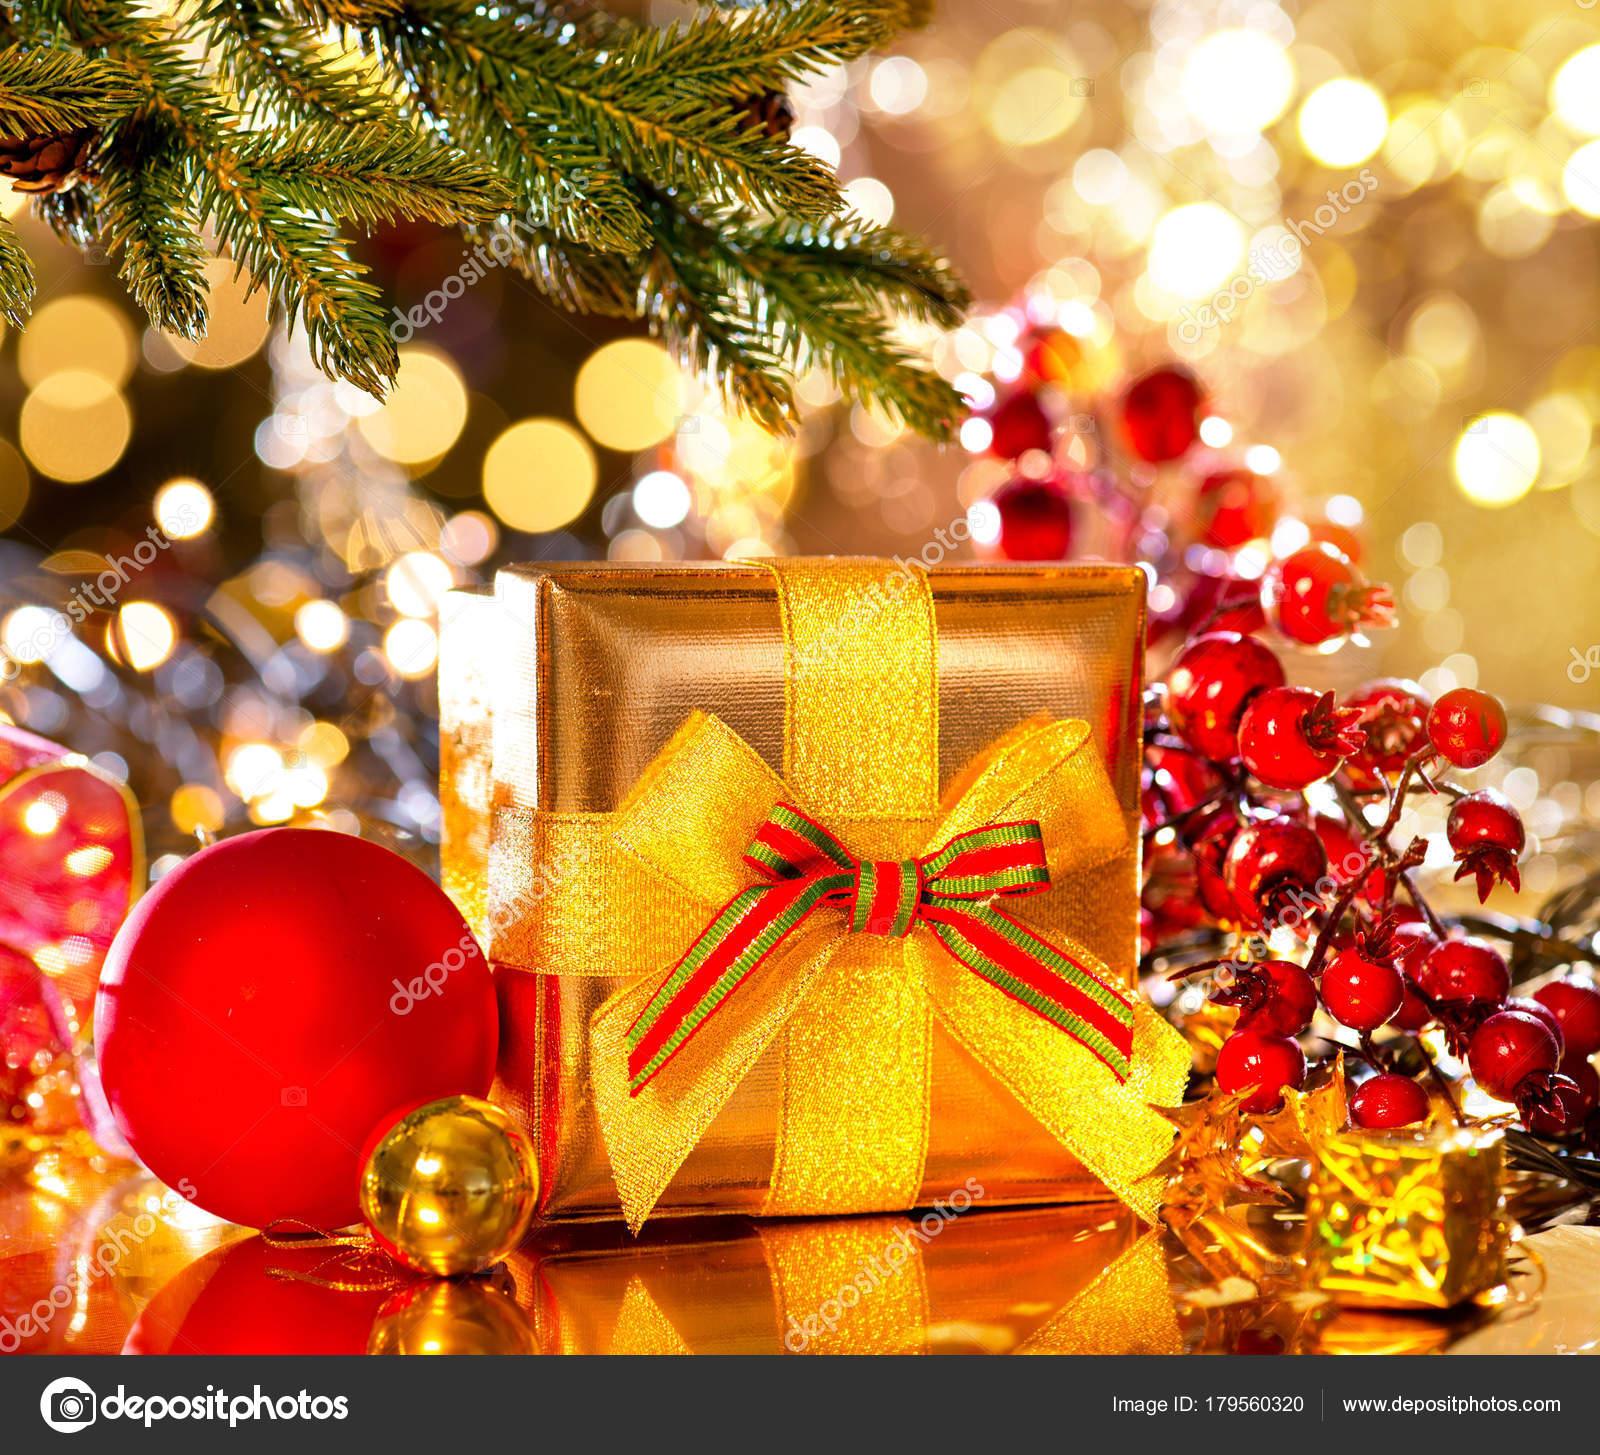 Fotos Arboles De Navidad Decorados Caja Regalo Dorada Bajo Arbol - Fotos-arboles-de-navidad-decorados